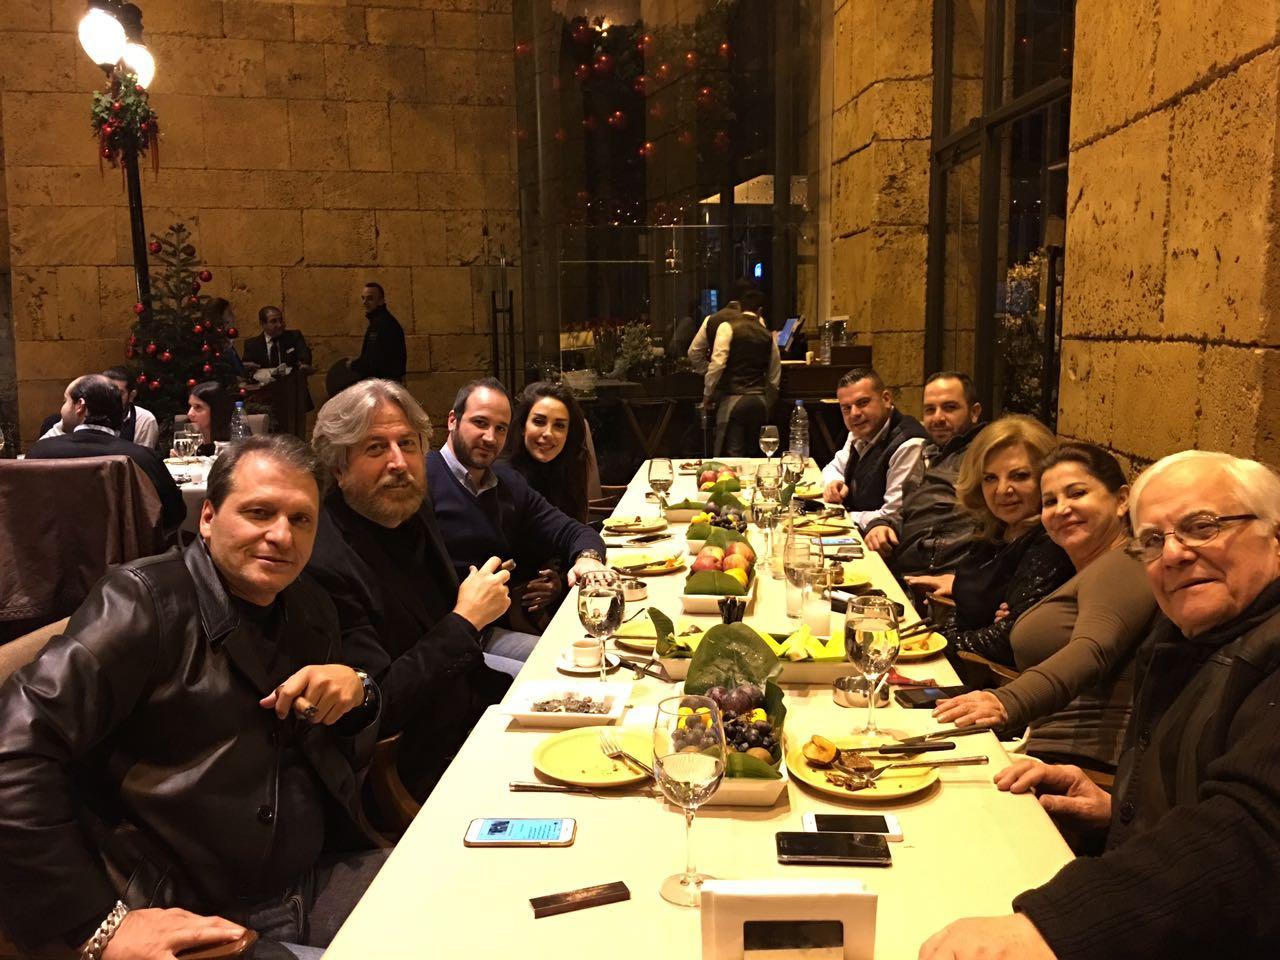 صورة تكريم الموسيقار الراحل ملحم بركات برعاية دار الأوبرا و وزارة الثقافة